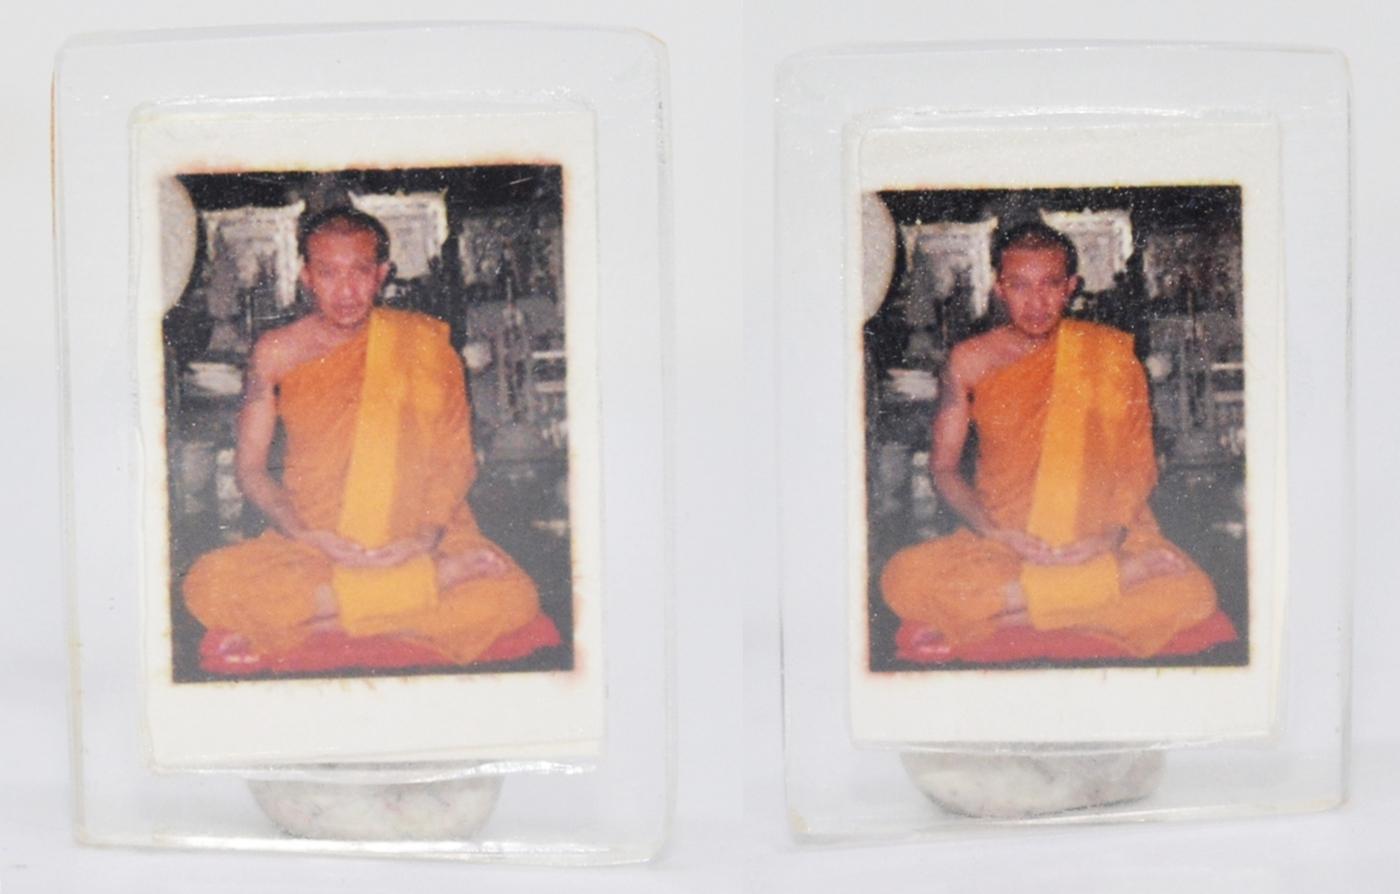 รูปจิ๋ว ห้อยคอ หลวงพ่อชำนาญ วัดบางกุฎีทอง ปทุมธานี